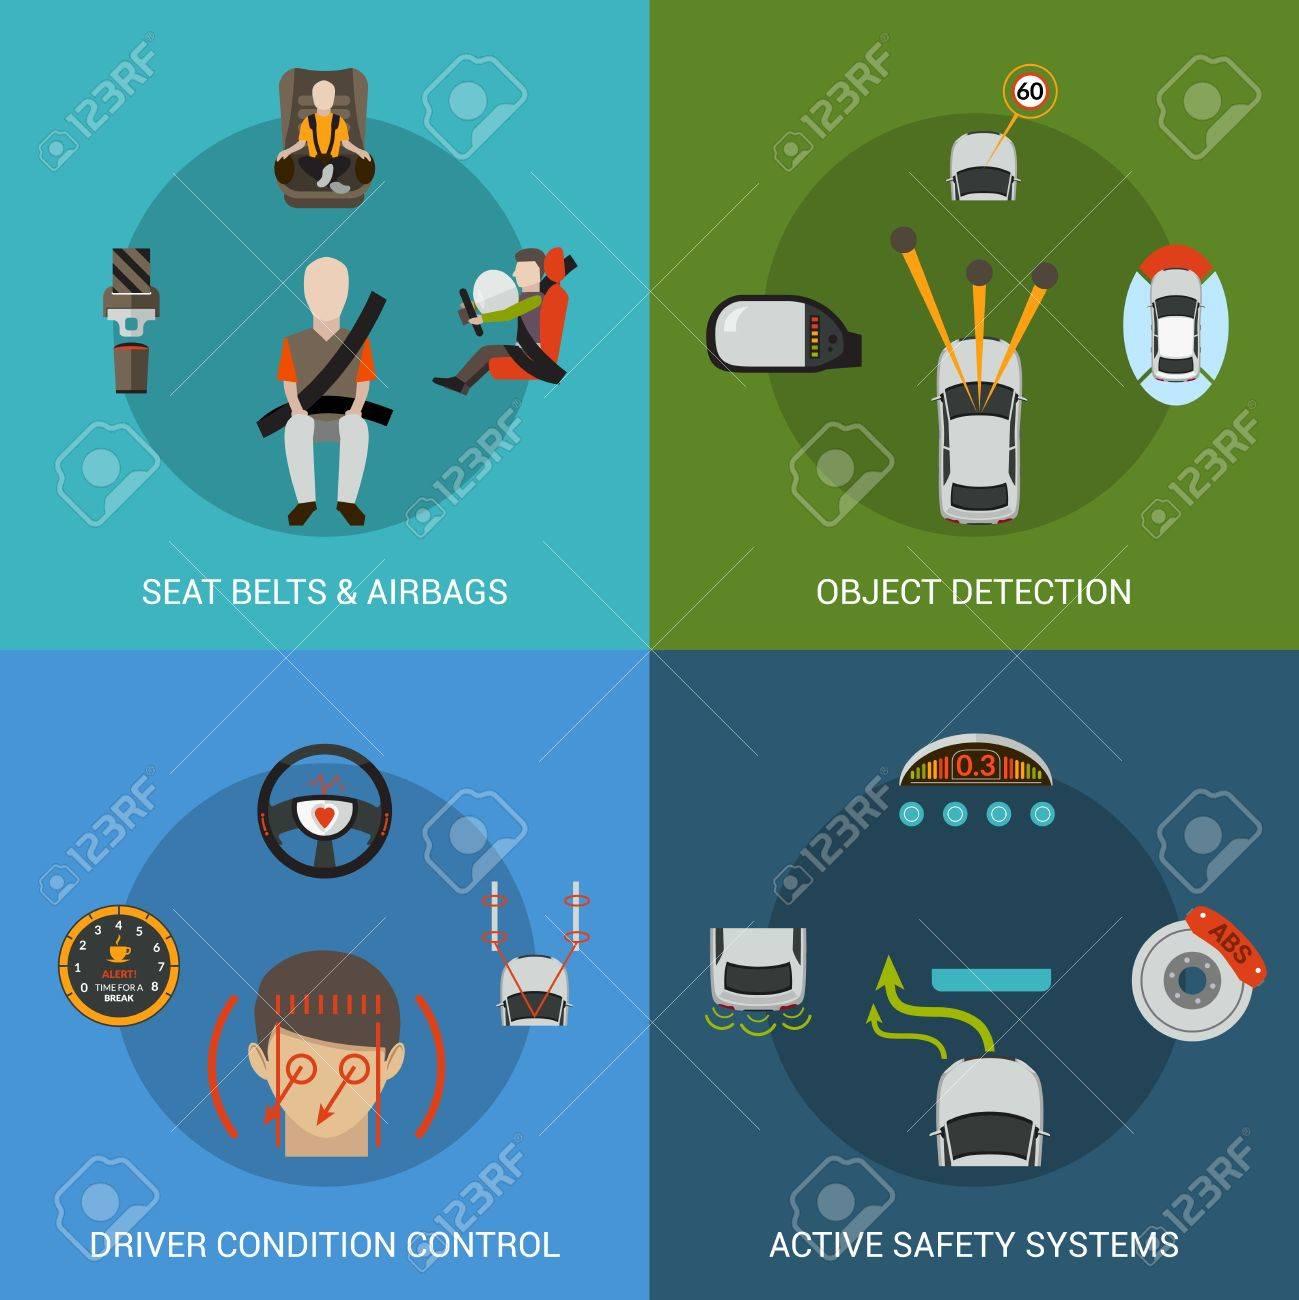 シートベルト エアバッグ オブジェクト検出ドライバー条件制御フラット